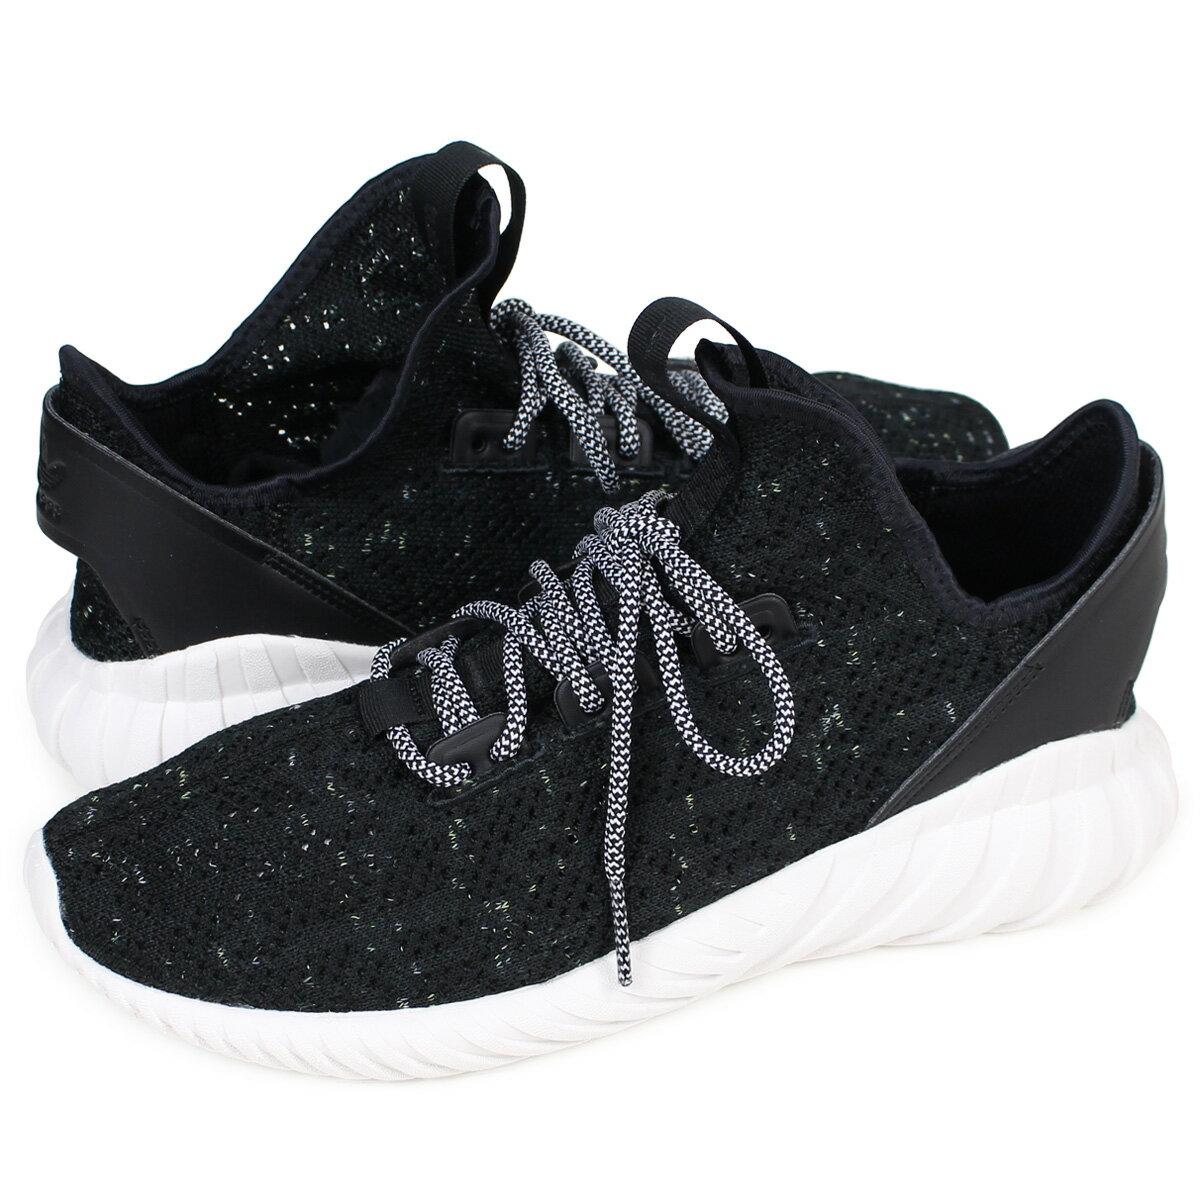 adidas originals TUBULAR DOOM SOCK PK アディダス チューブラー スニーカー メンズ CQ0940 靴 ブラック [12/15 新入荷]